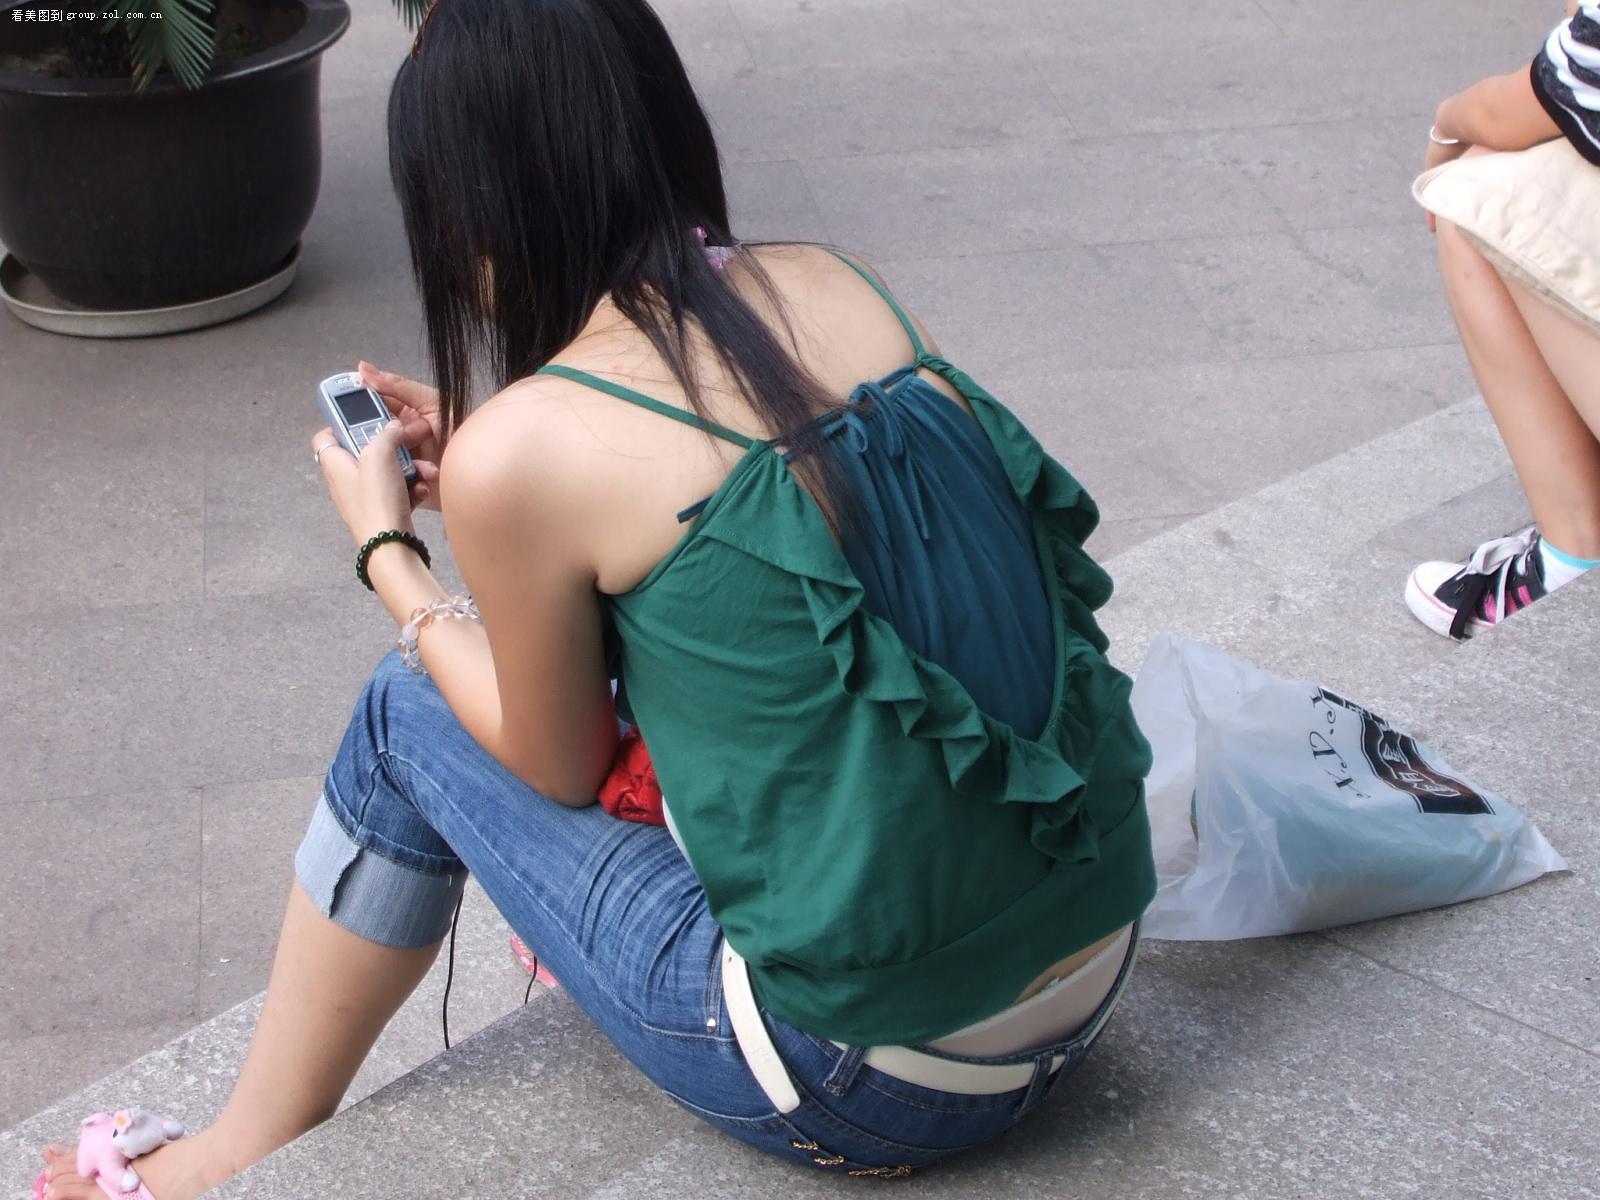 【女孩子的背】富士 v10--zol中关村在线